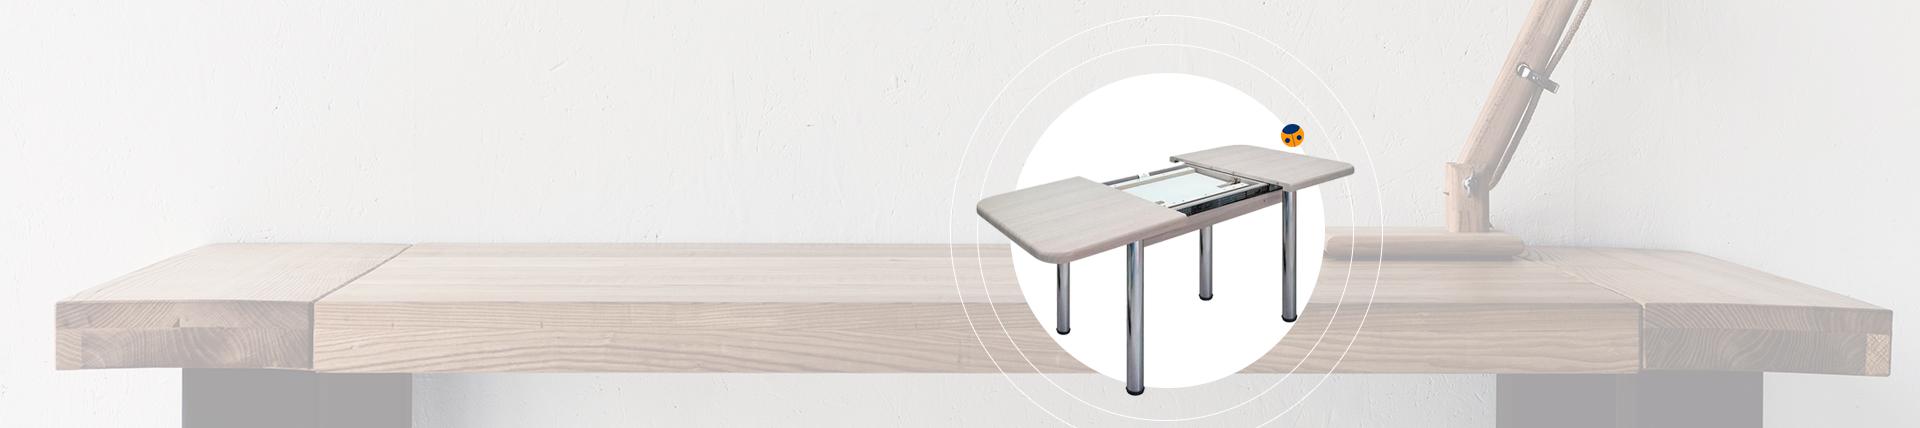 Механизмы для трансформации столов